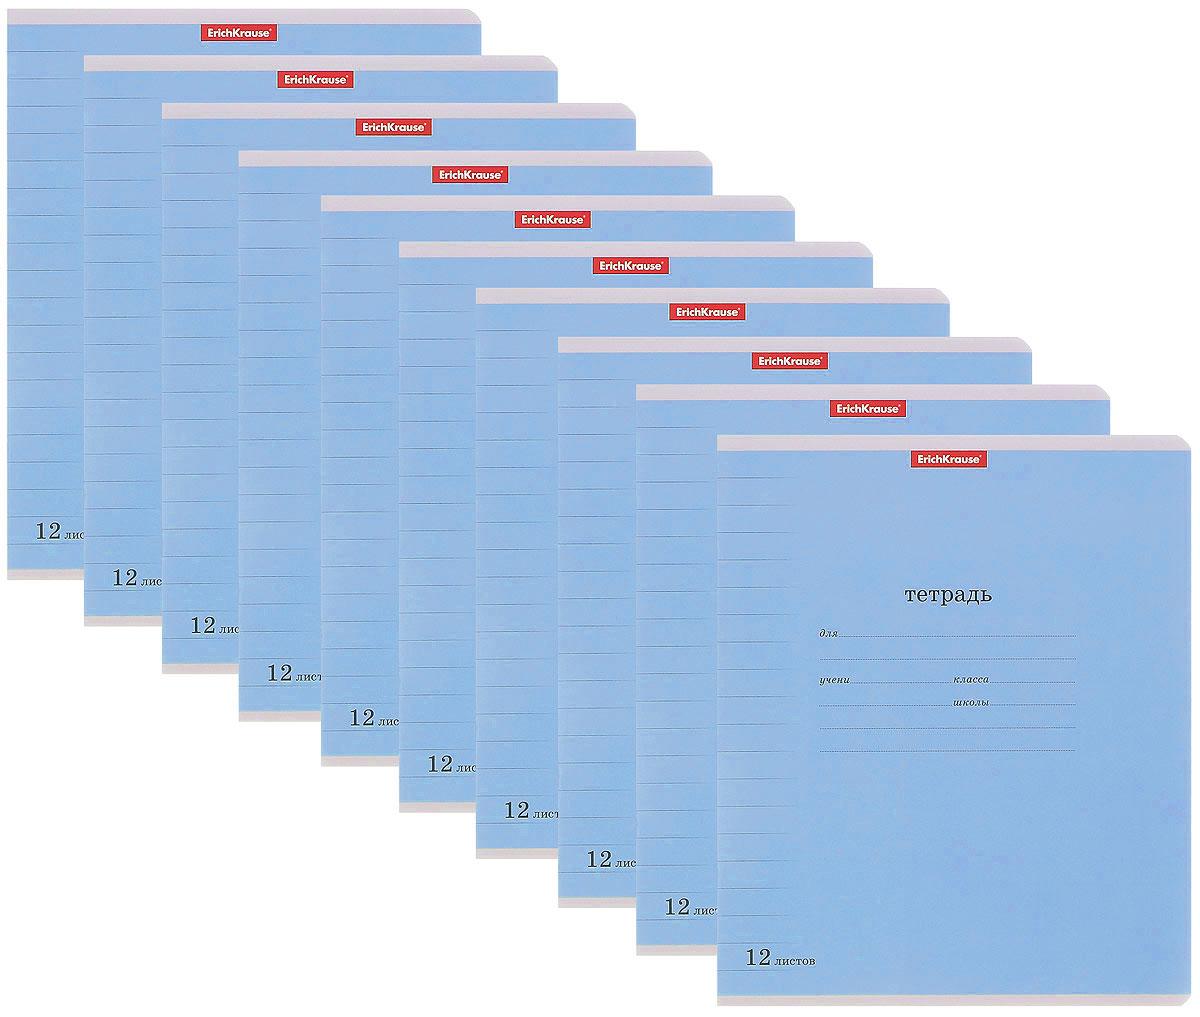 Erich Krause Набор тетрадей Классика 12 листов в линейку 10 шт цвет голубой40006Тетрадь Erich Krause Классика предназначена для школьников. Обложка тетради выполнена из тонкого гибкого картона с закругленными углами. На обратной стороне обложки представлено написание прописных букв русского и английского алфавитов. Внутренний блок тетради состоит из 12 листов белой бумаги на металлических скрепках в линейку с полями. В наборе 10 тетрадей.